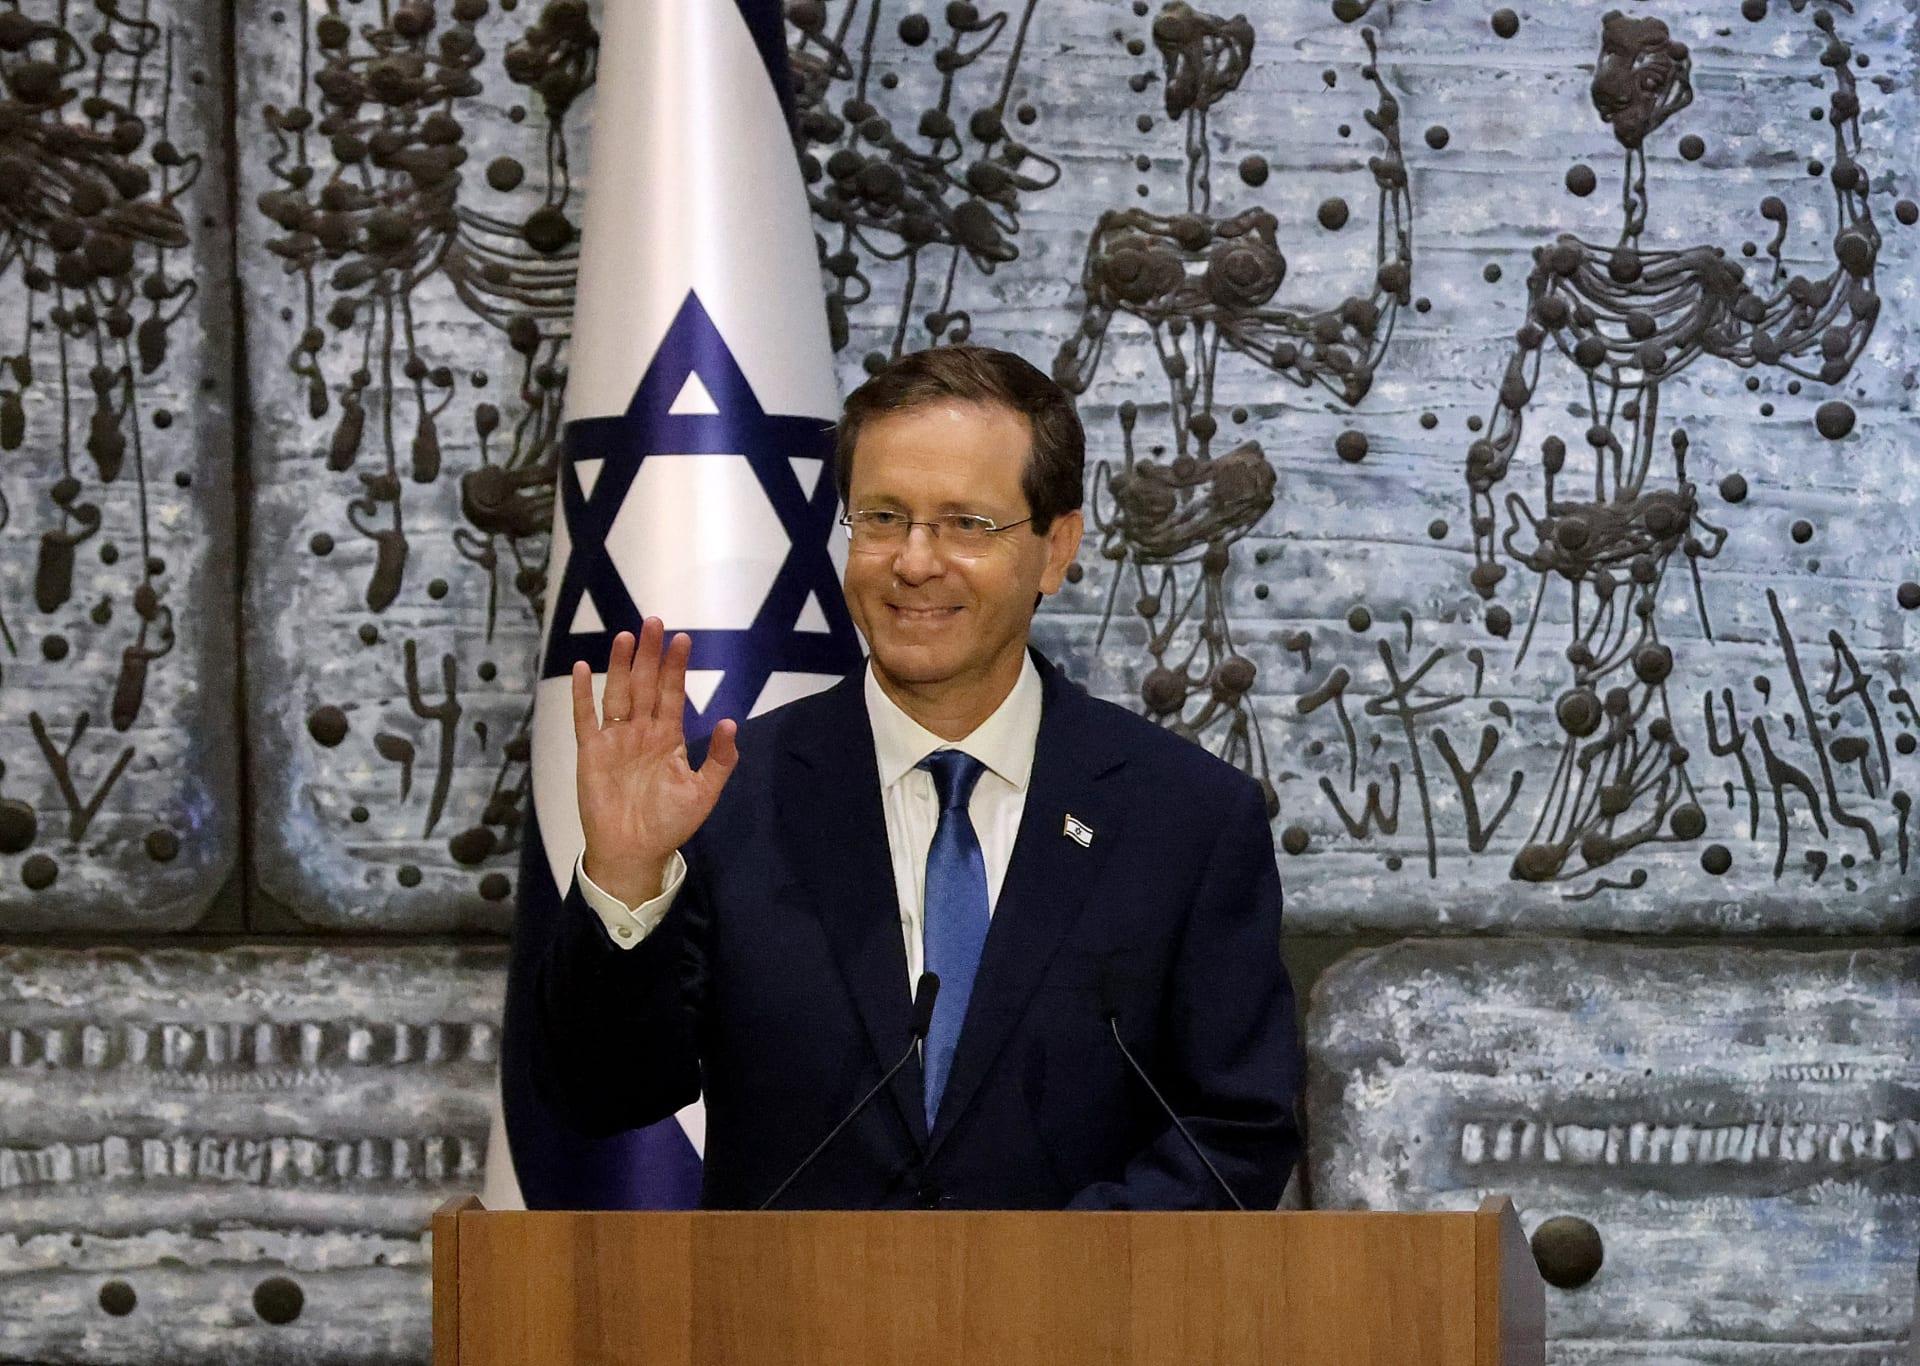 الرئيس الإسرائيلي إسحاق هرتسوغ